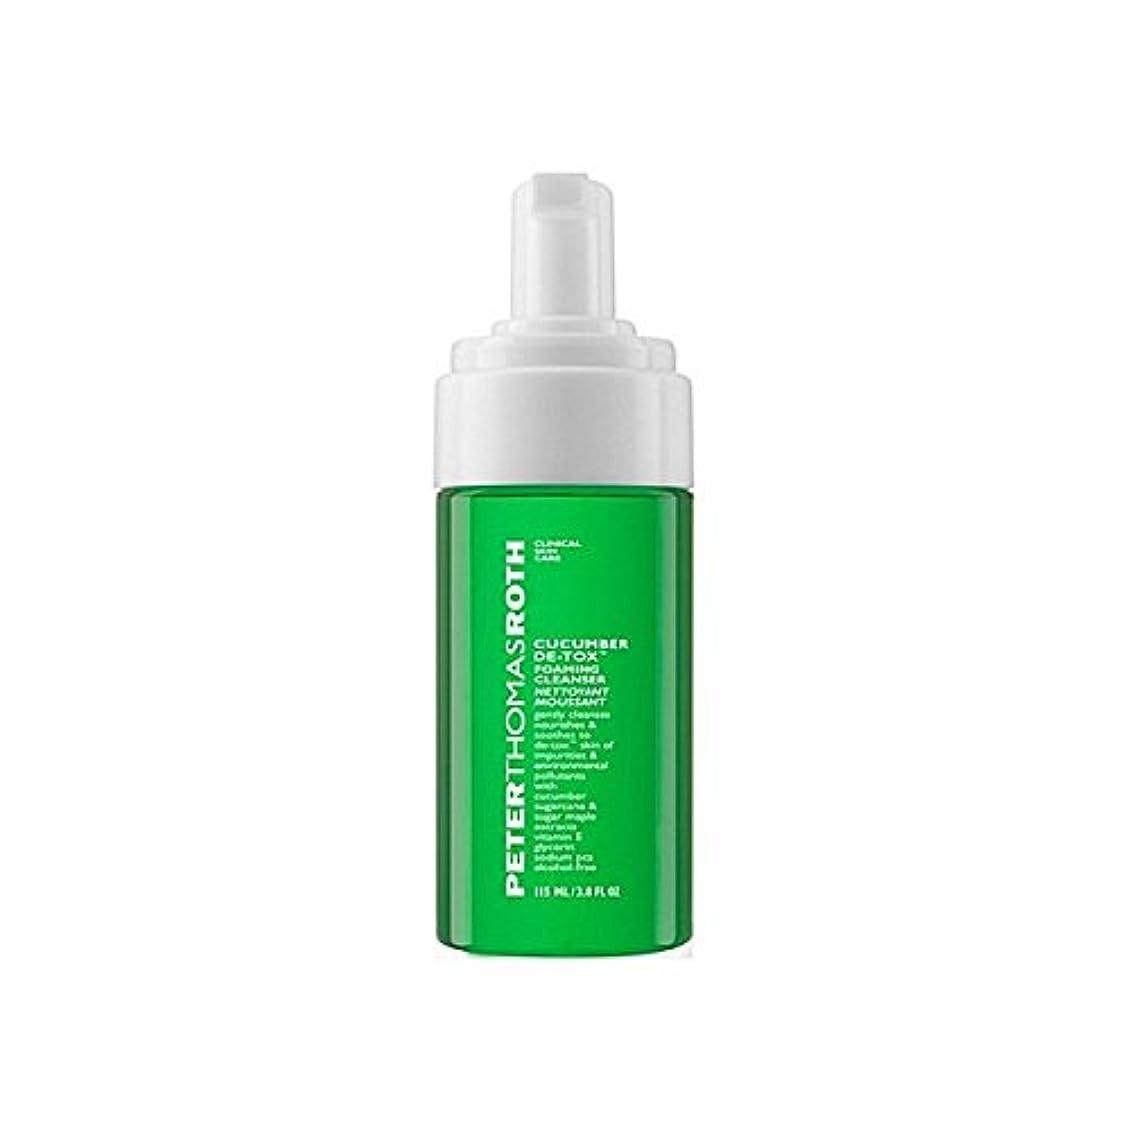 シャツ境界ブラインドピータートーマスロスキュウリデ発泡クレンザー x2 - Peter Thomas Roth Cucumber De-Tox Foaming Cleanser (Pack of 2) [並行輸入品]